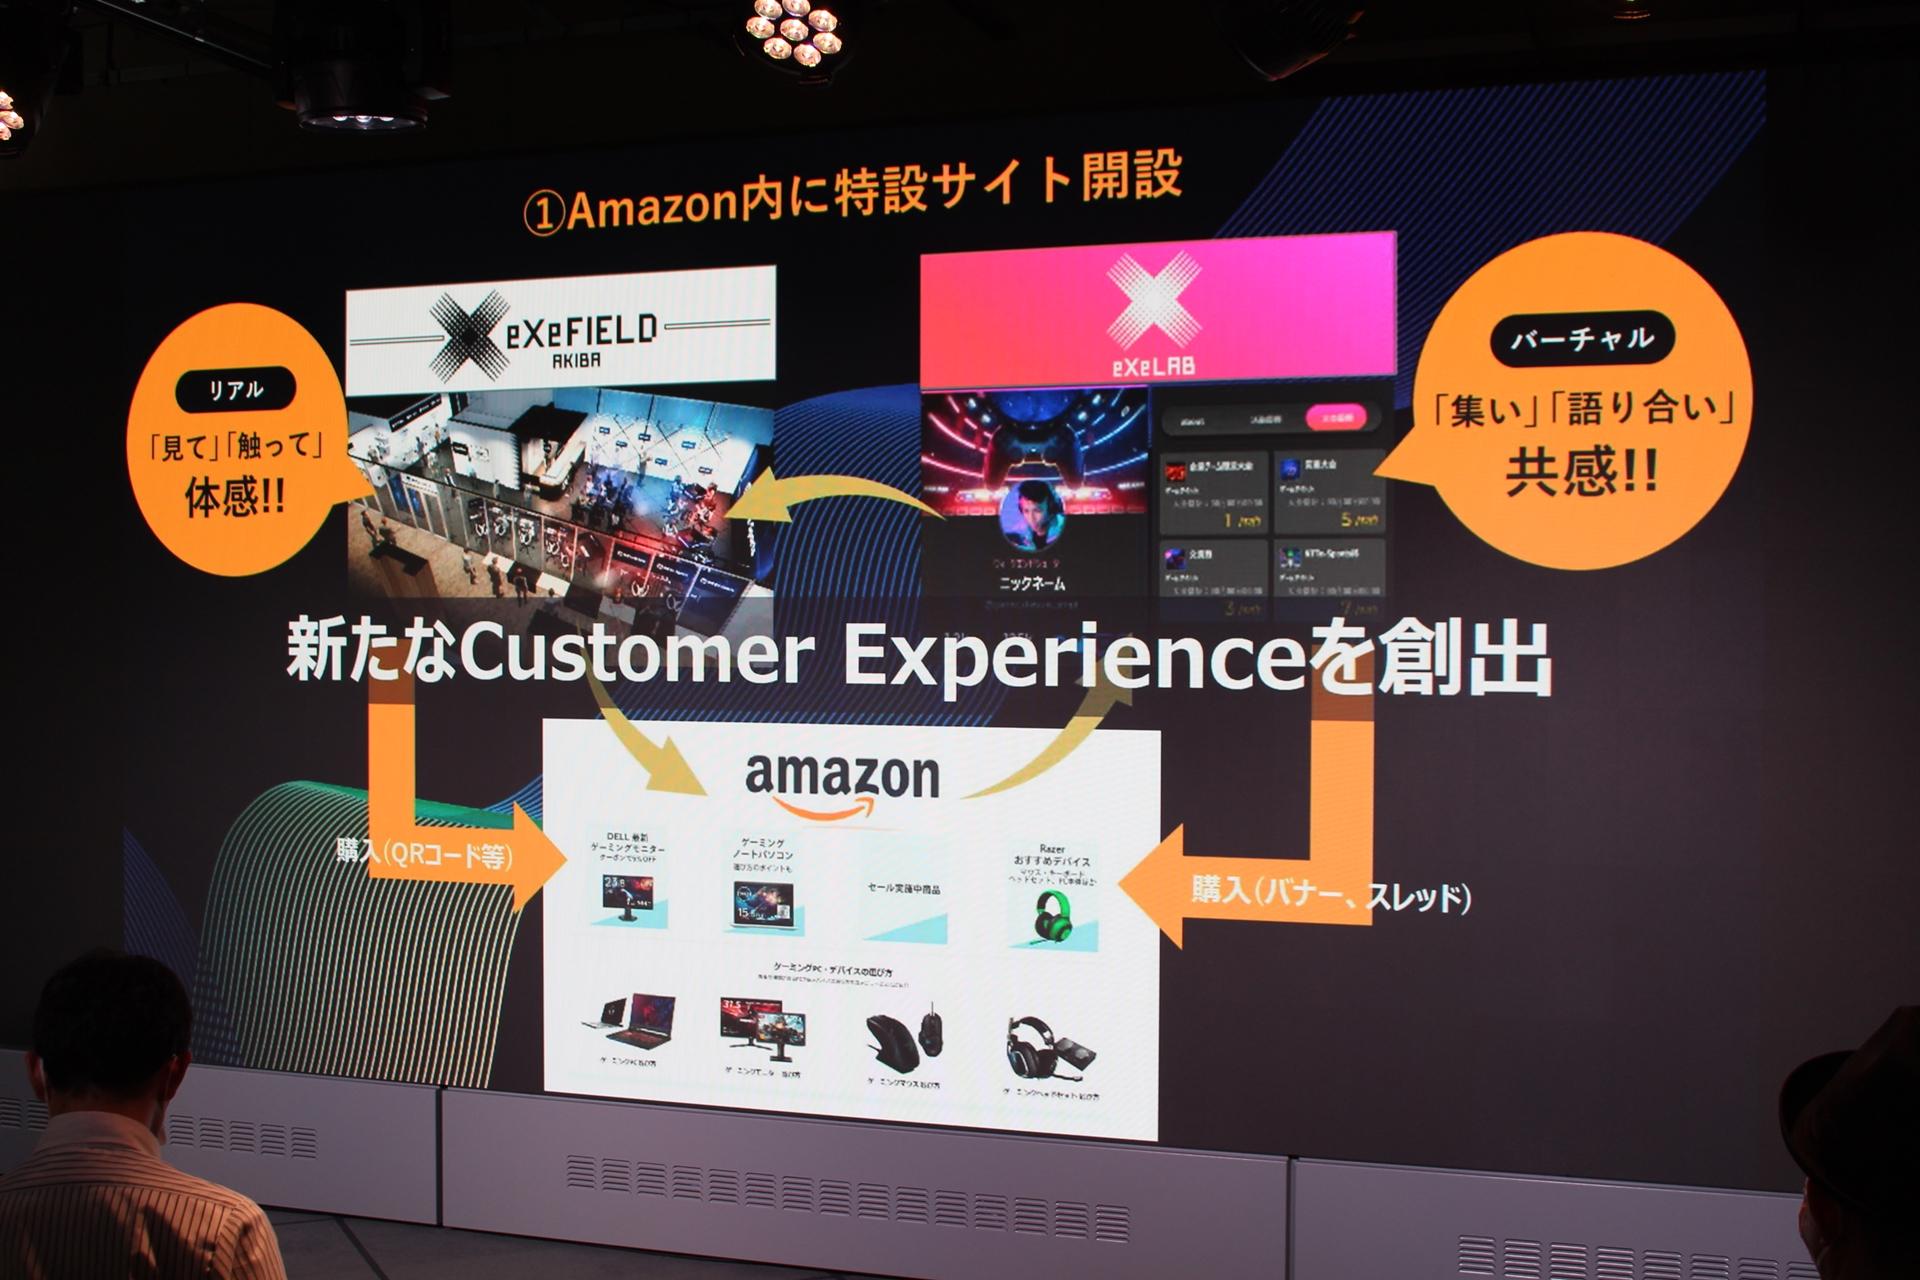 現地でのQRコードやアプリのバナーなどから、Amazonの商品ページにアクセスして買い物ができる